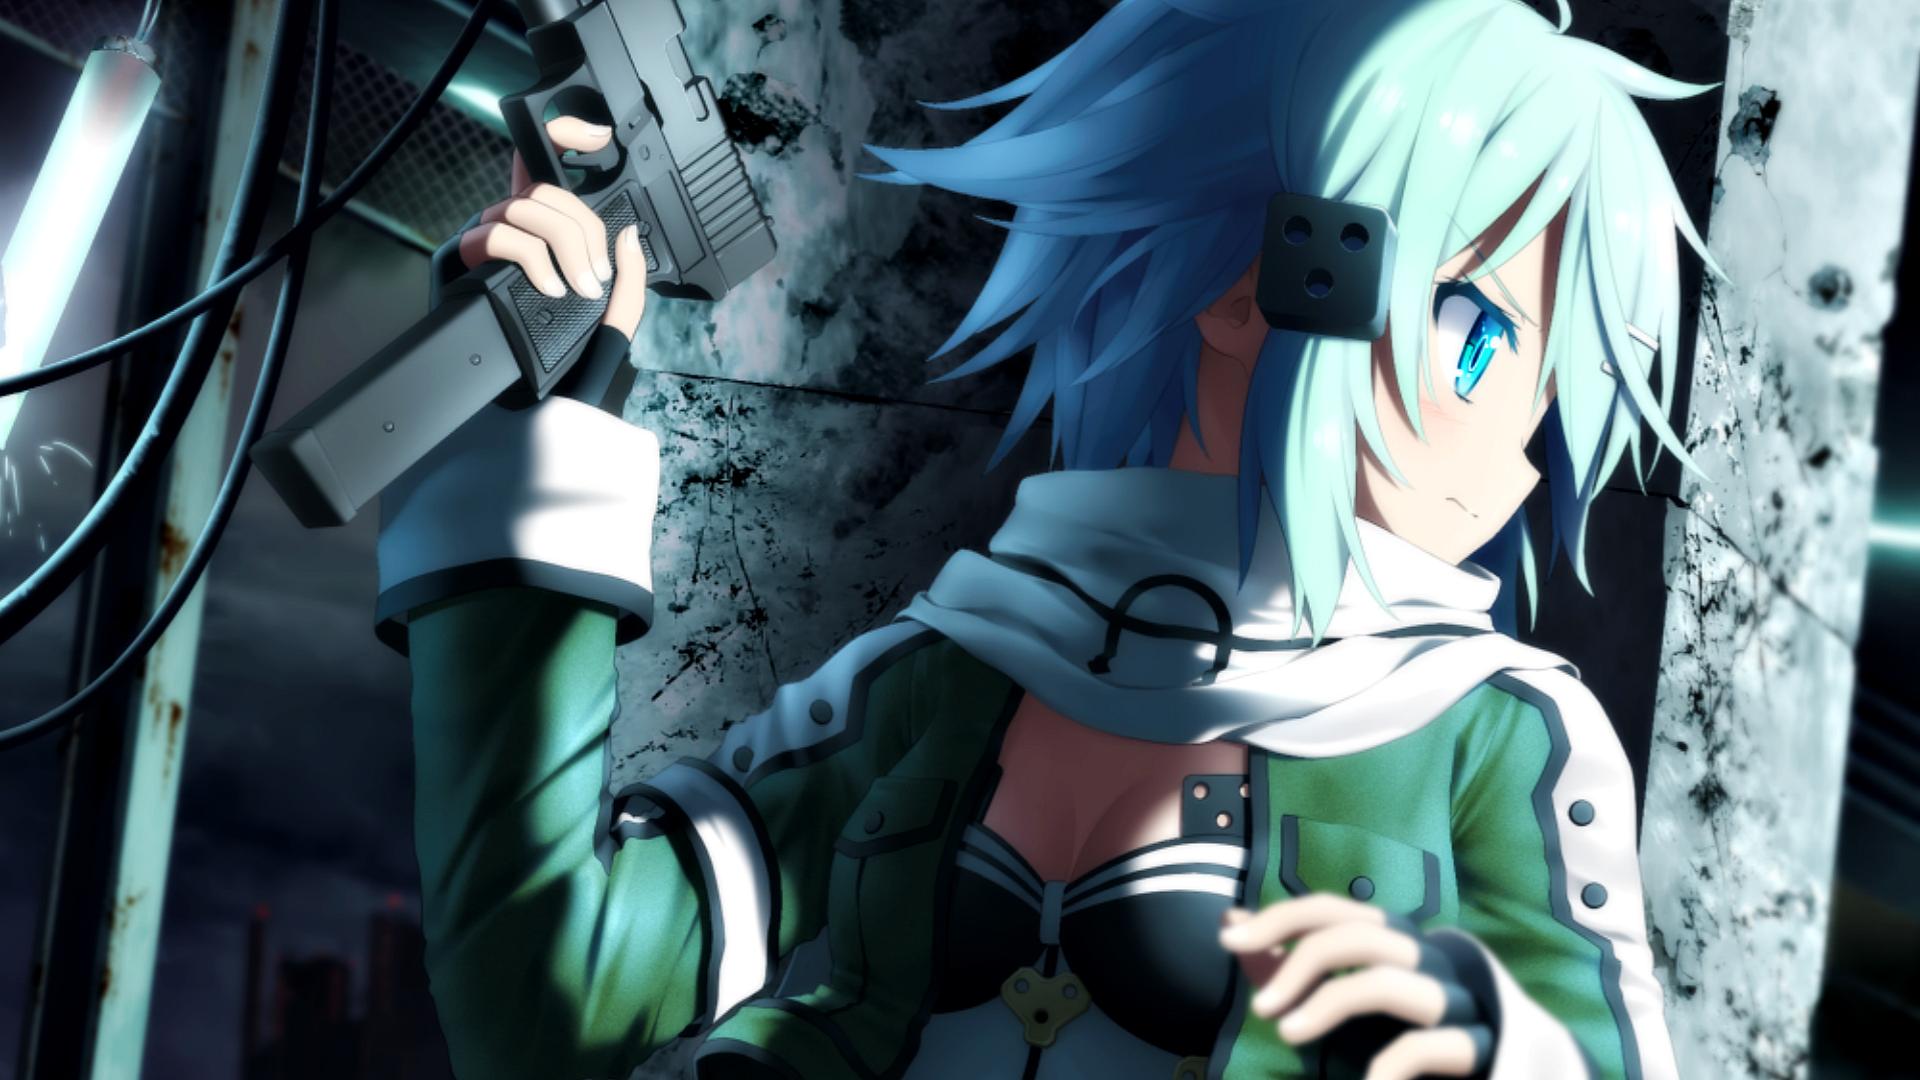 Fondos De Pantalla Anime Arte De Espada En Línea Asada